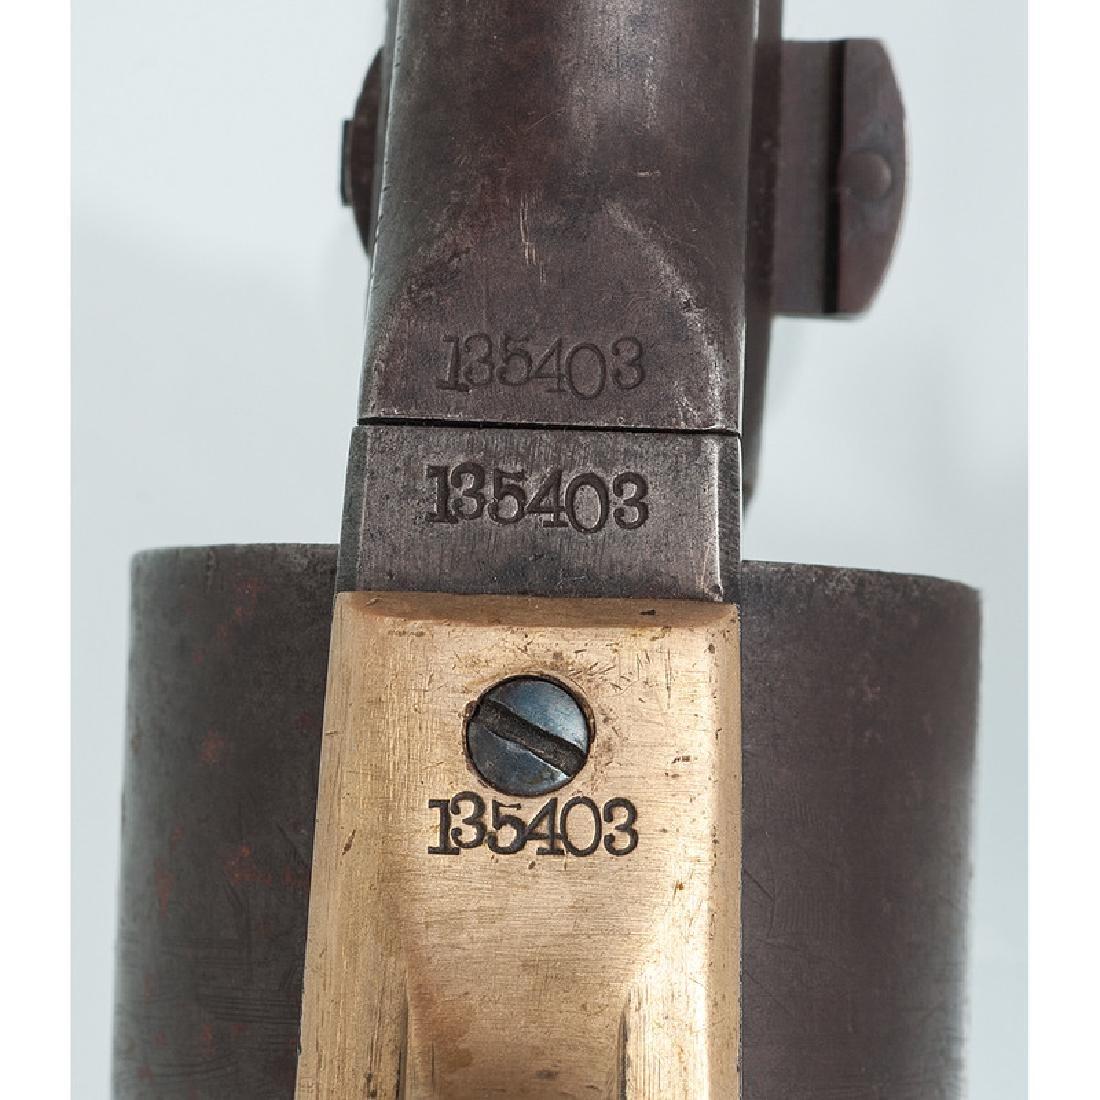 Colt Model 1860 Army Percussion Revolver - 6